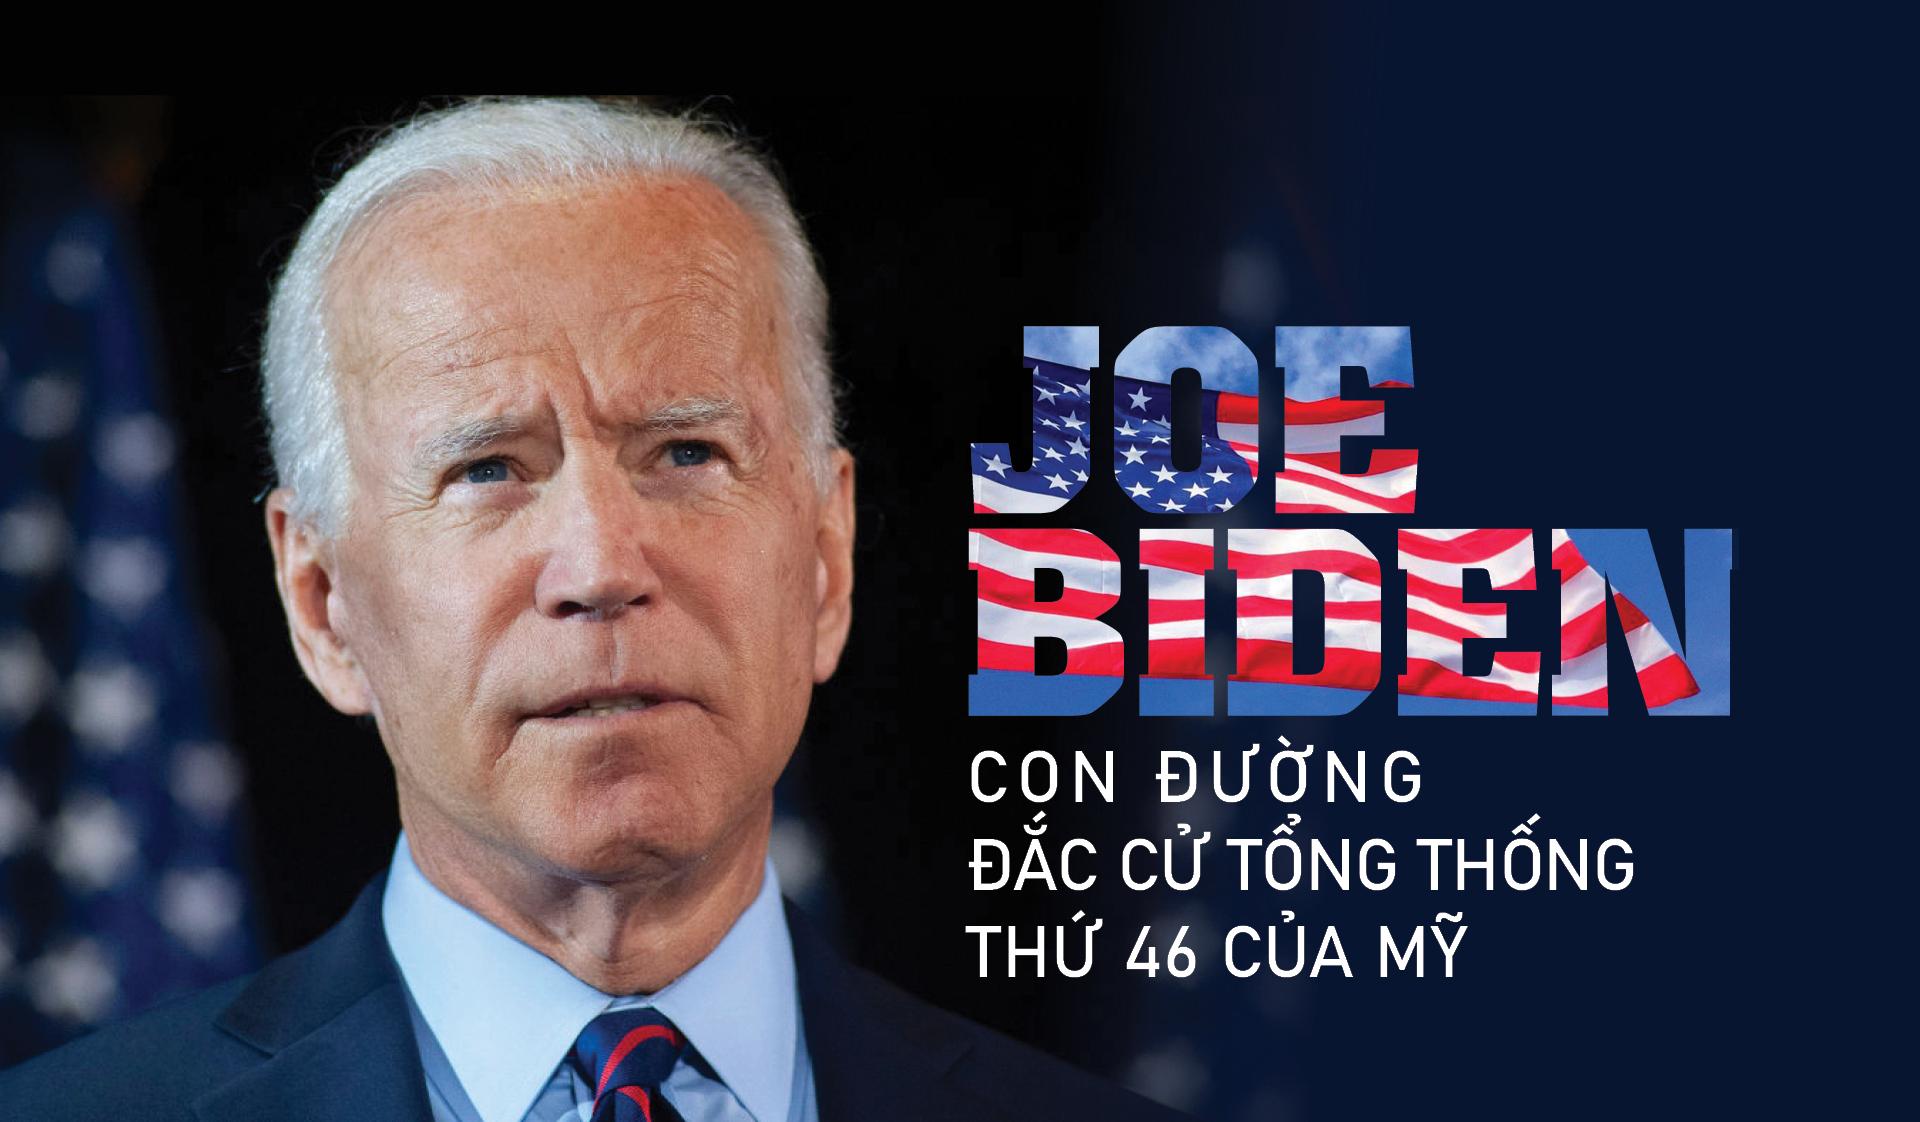 Joe Biden - Con đường đắc cử Tổng thống thứ 46 của Mỹ